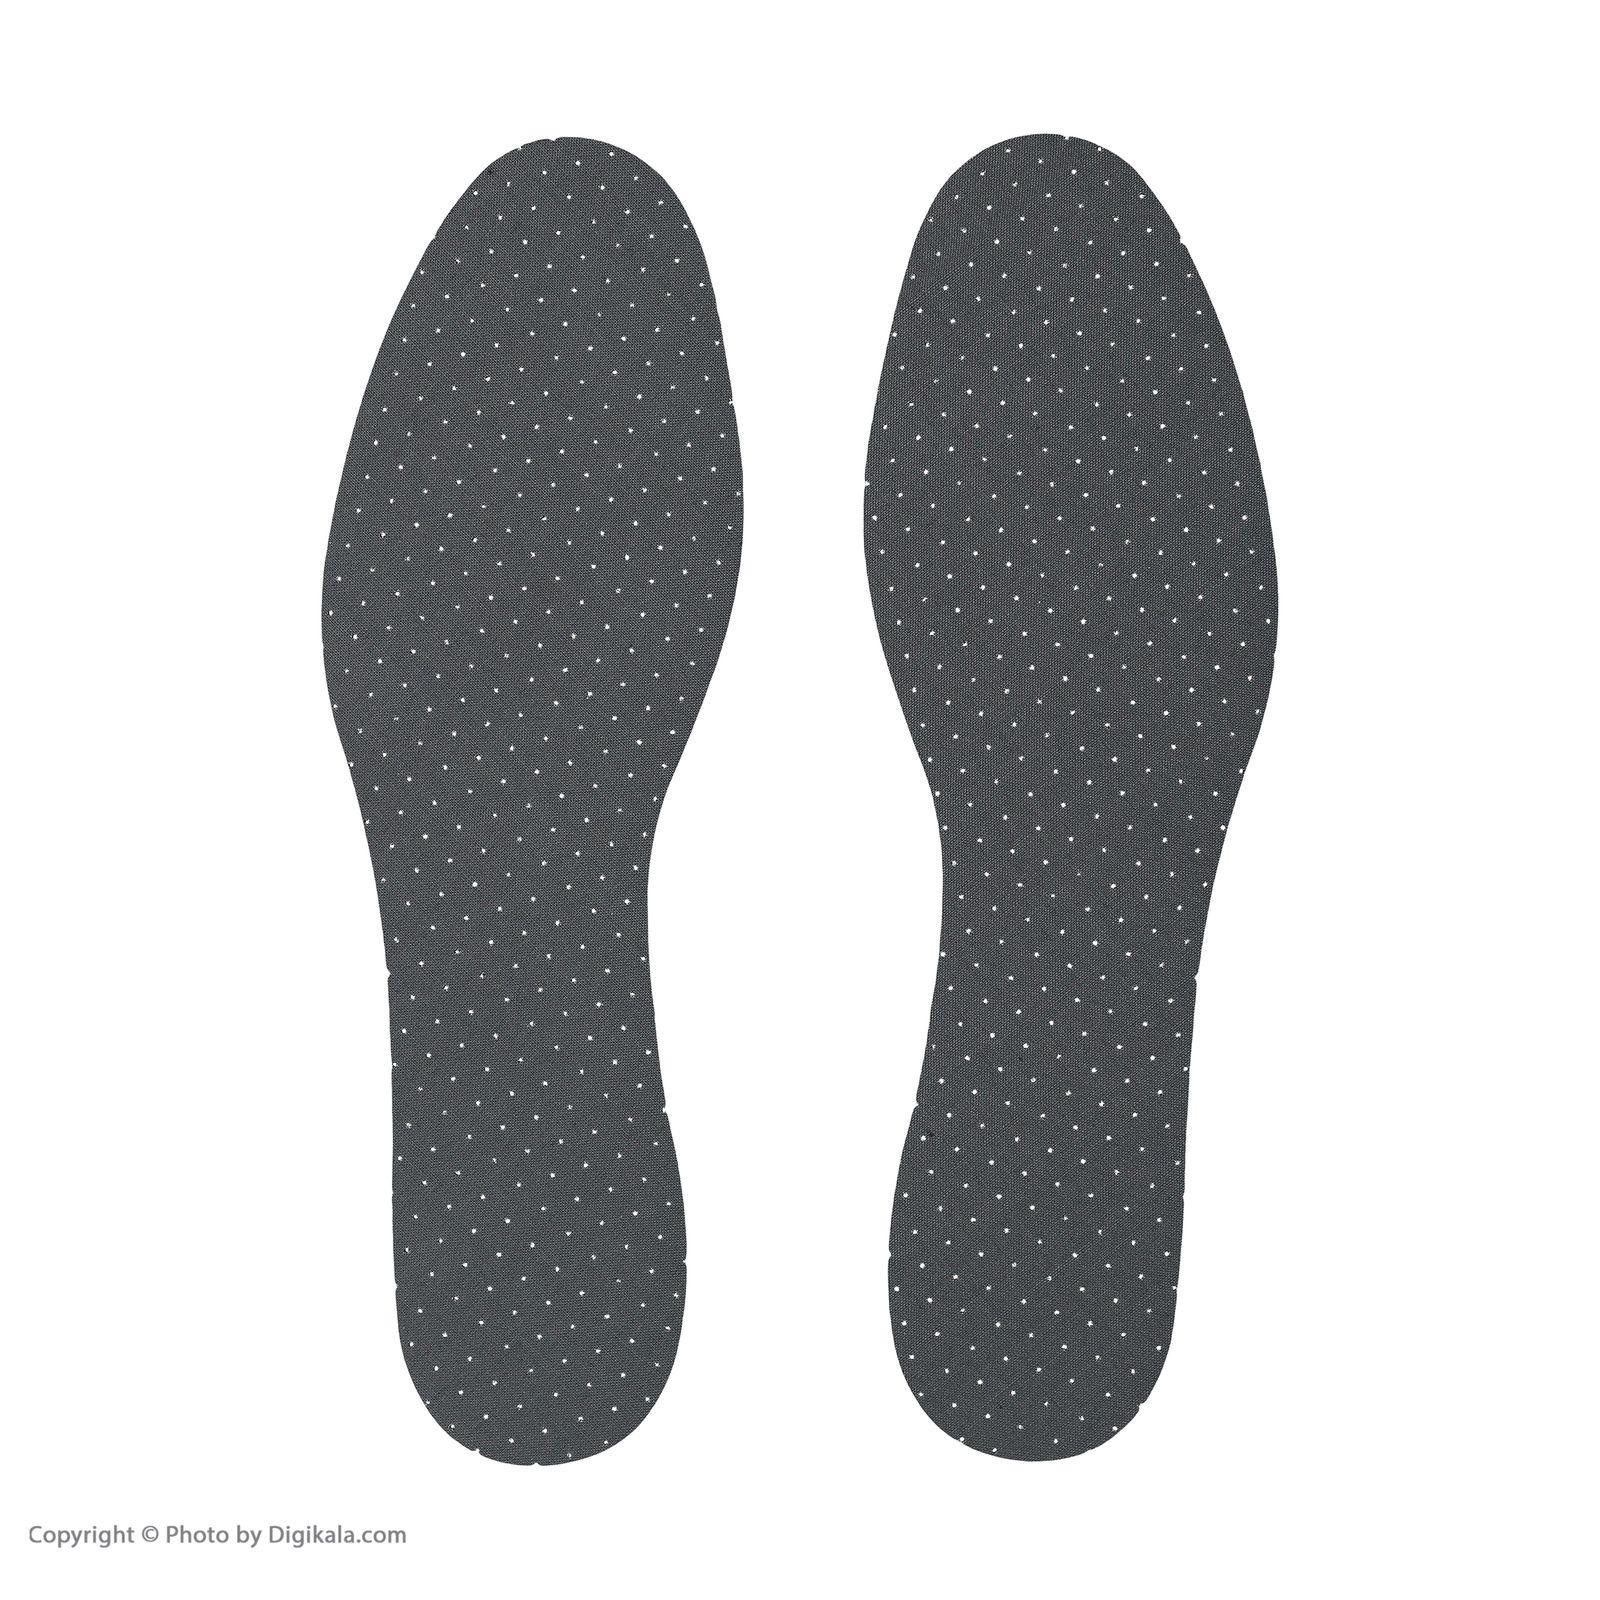 کفي کفش کوایمبرا مدل 1404045 سایز 45 -  - 4